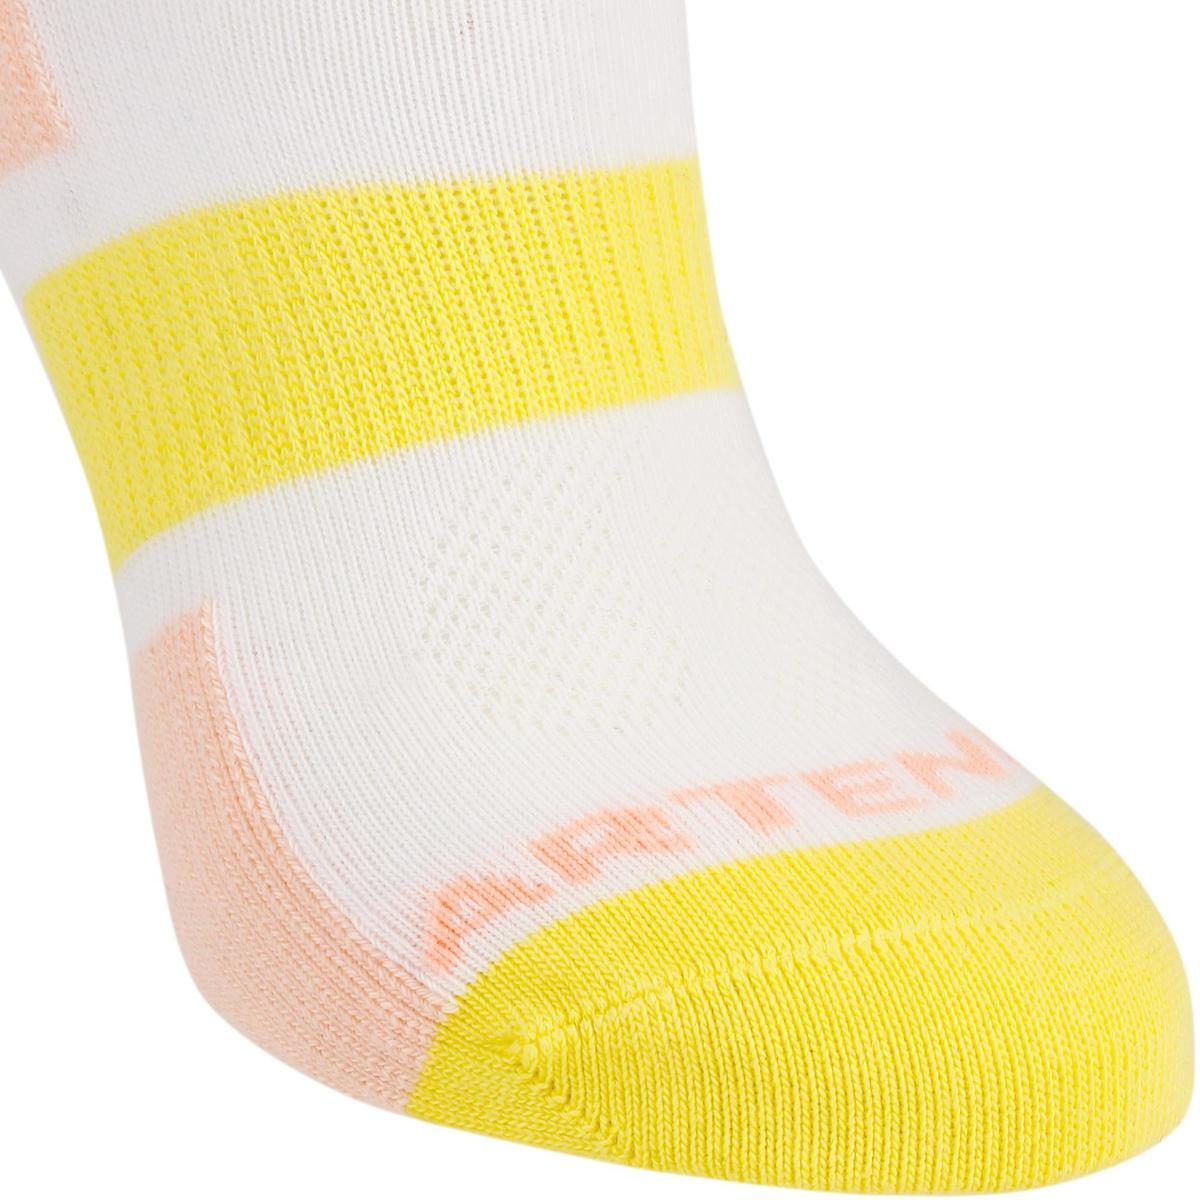 Bild 4 von Tennissocken RS 160 Mid Kinder 3er Pack rosa/gelb